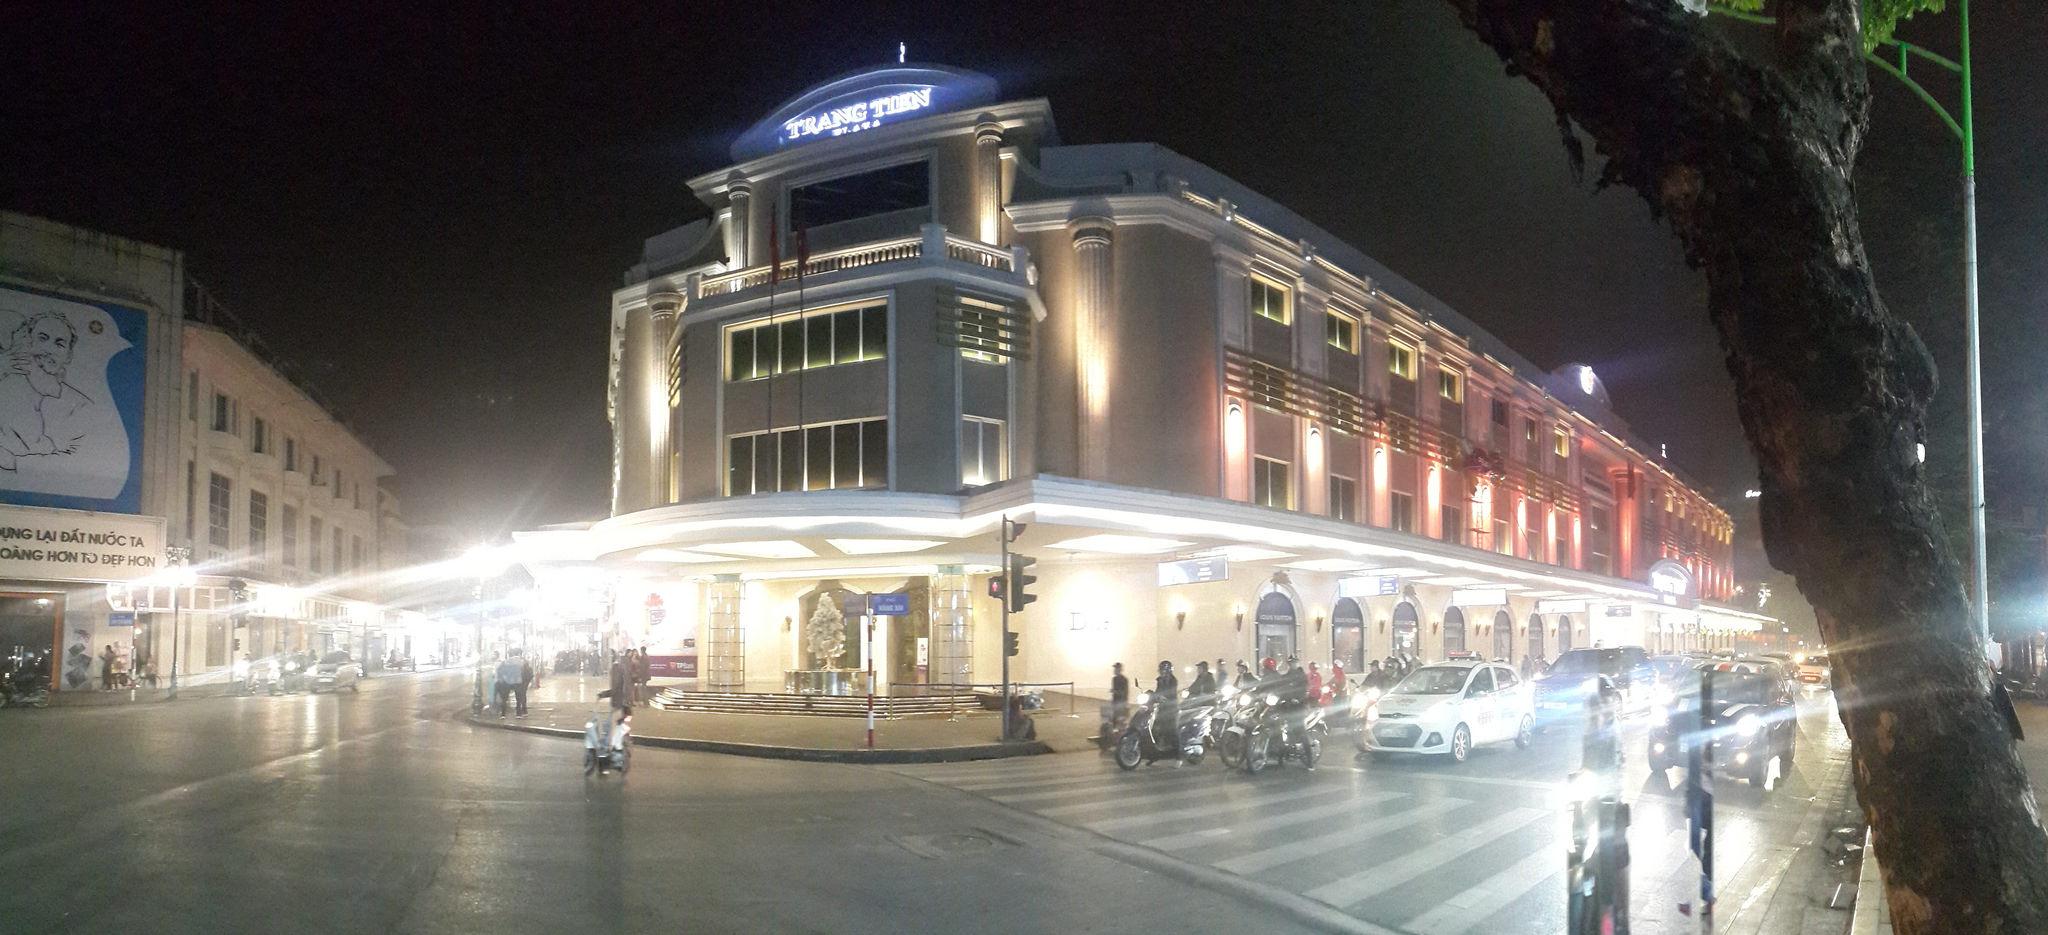 hanoi halong bay - Hanoi Halong Bay Paket Tour Murah, YOEXPLORE